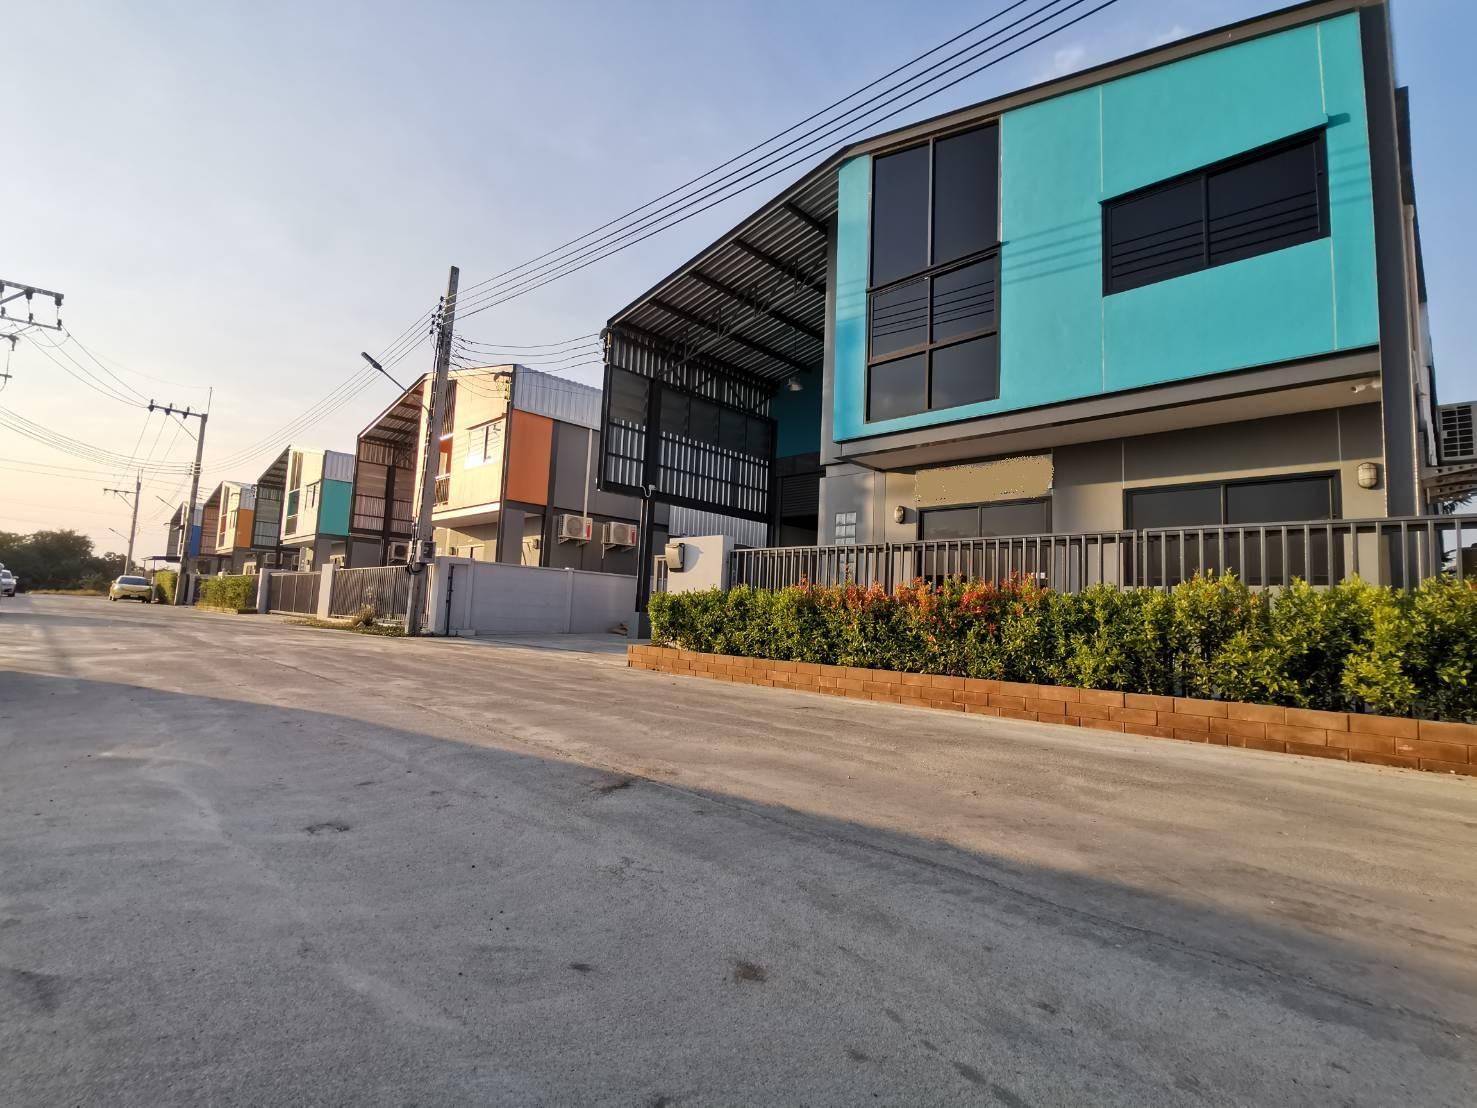 ขายโกดังโรงงานมินิแฟคทอรี่ พร้อมอาคารสำนักงาน 2 ชั้น  บางใหญ่ นนทบุรี ใกล้เซ็นทรัลพลาซ่า เวสเกต